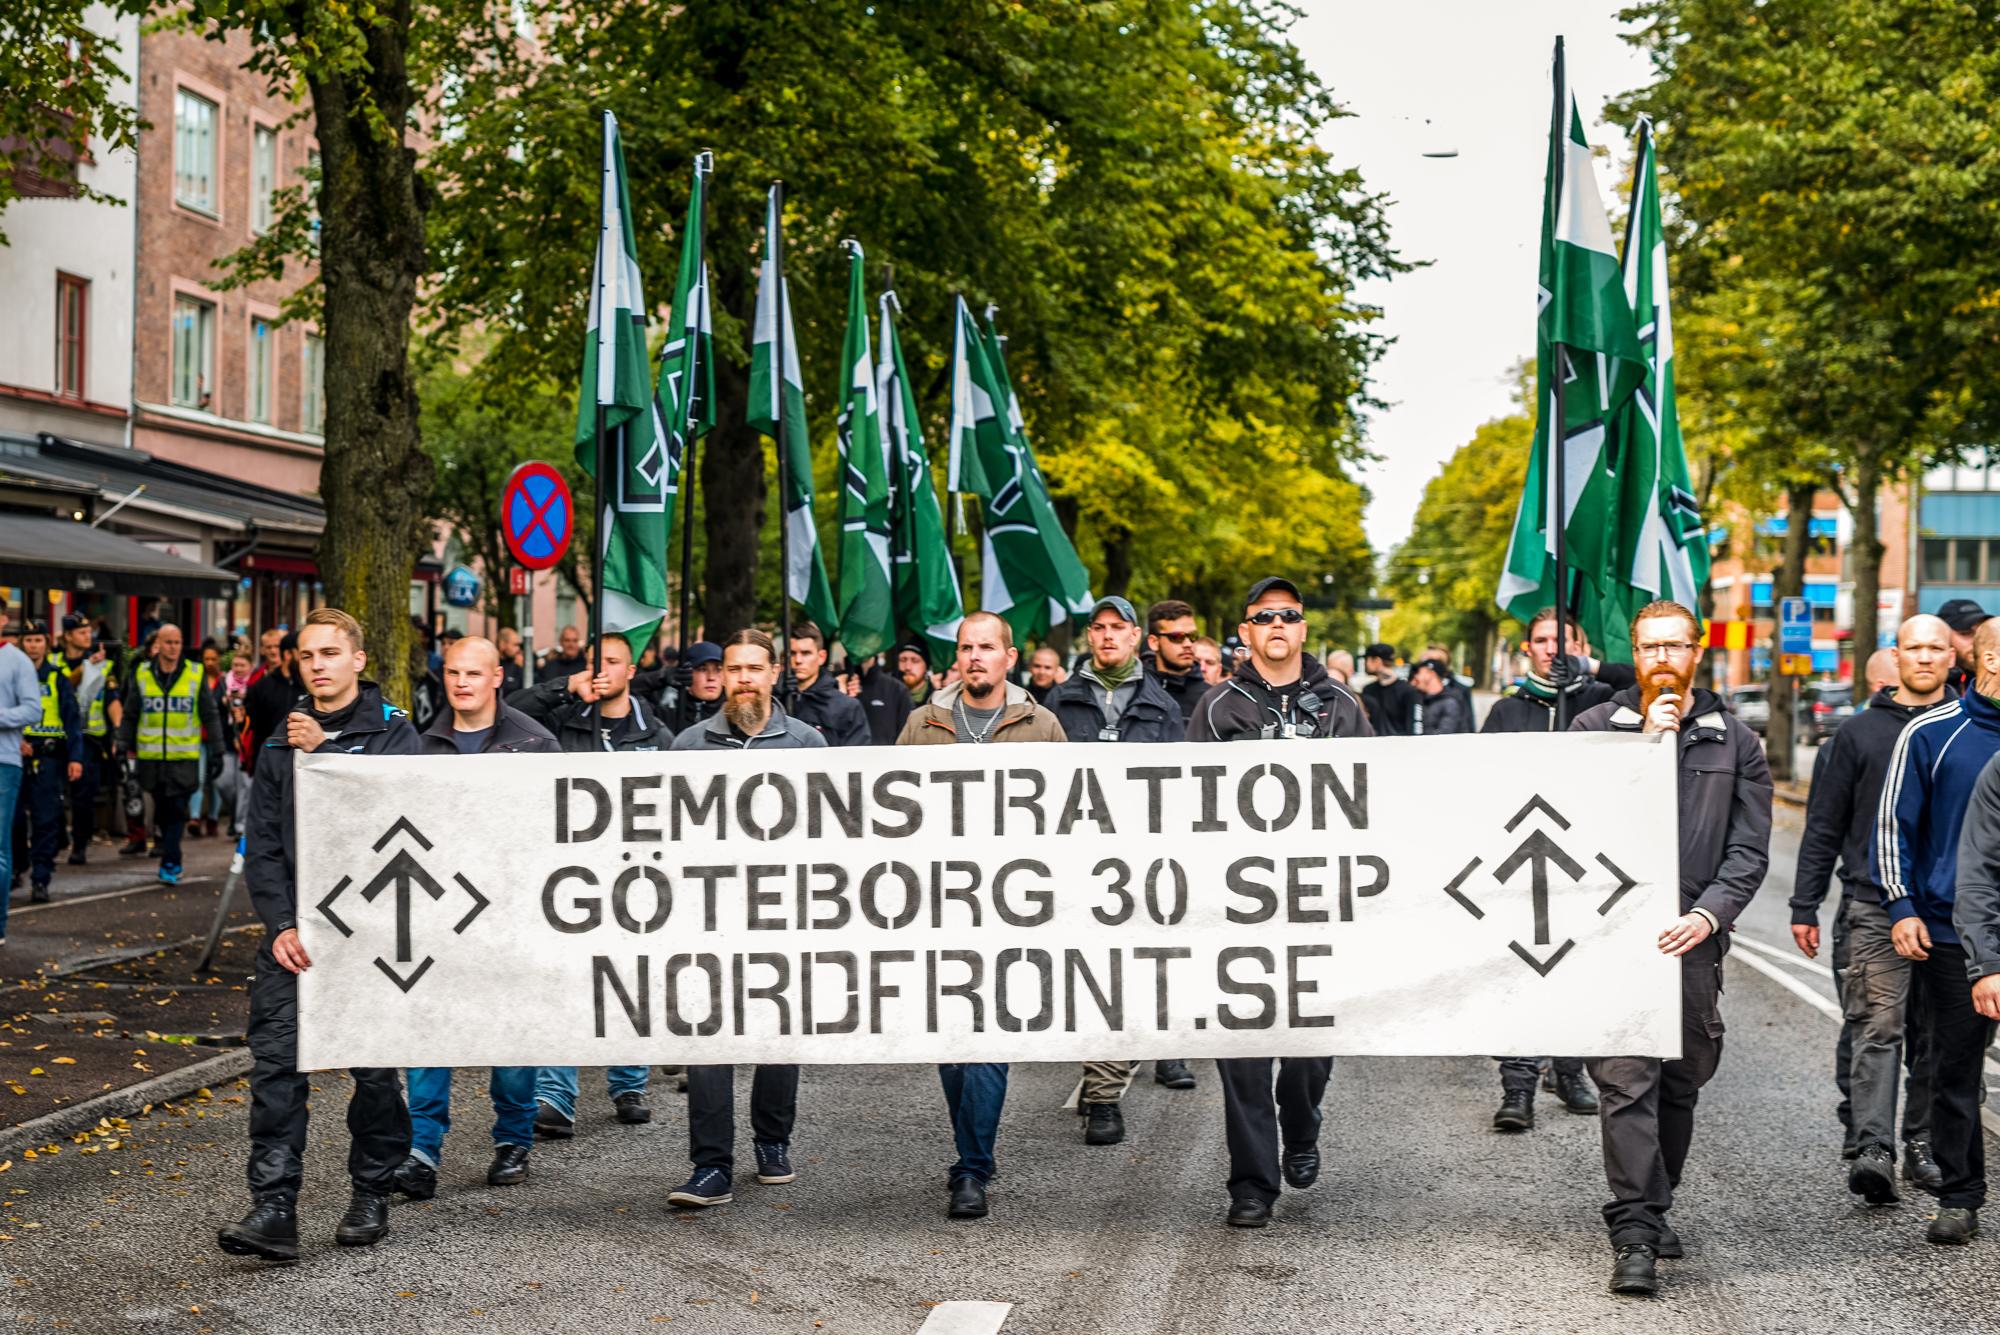 Søndag den 17. september gennemførte NMR en uannonceret og hemmelig demonstration igennem Göteborg som led i mobiliseringskampagnen mod deres march den 30. september. Foto: Jonathan Pye.